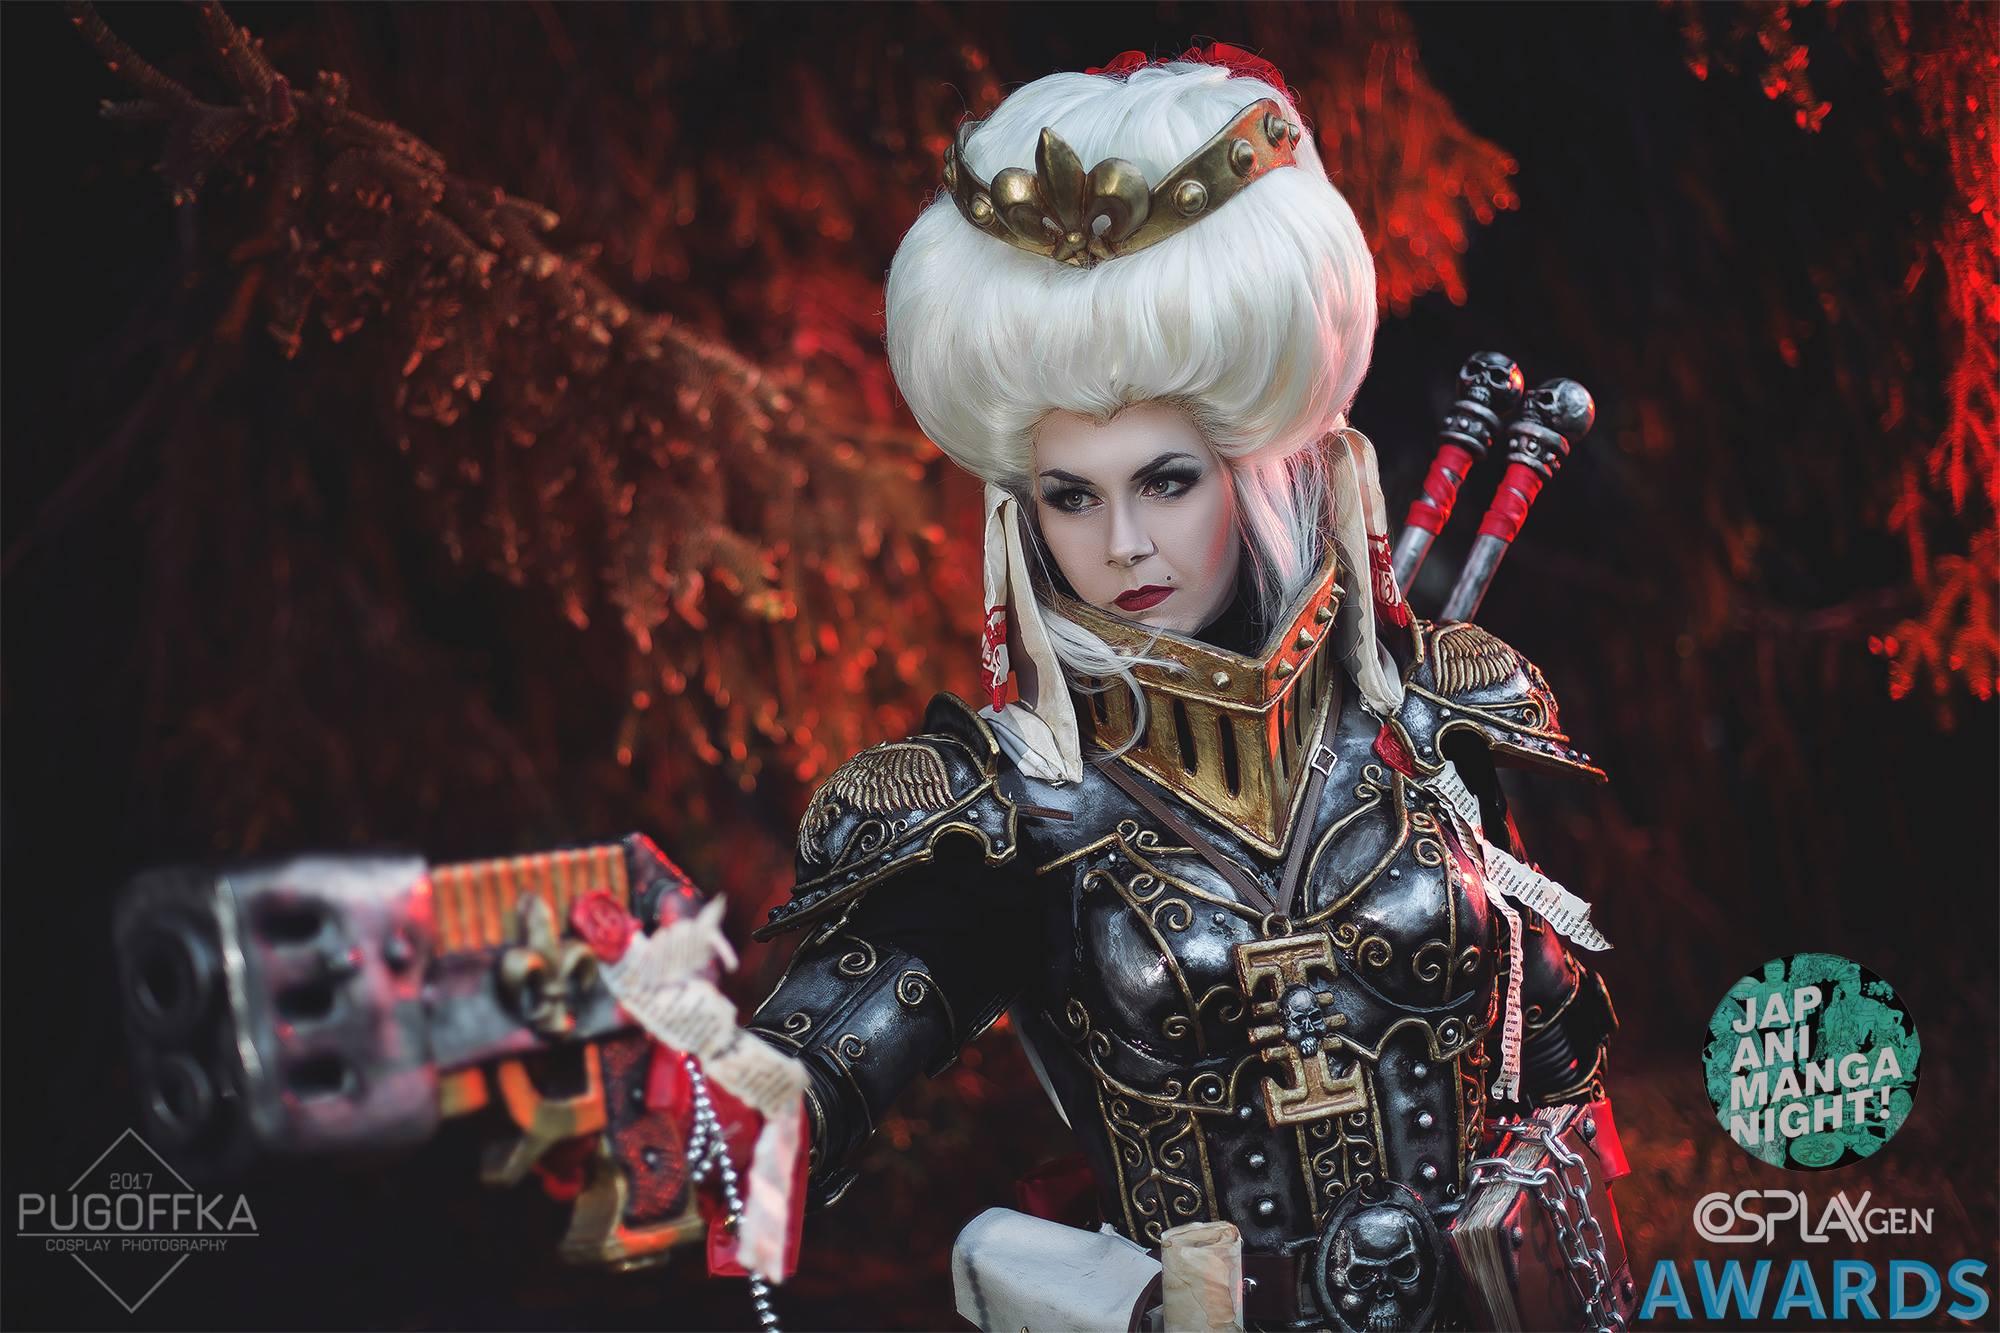 Ordo Hereticus Warhammer 40K cosplay